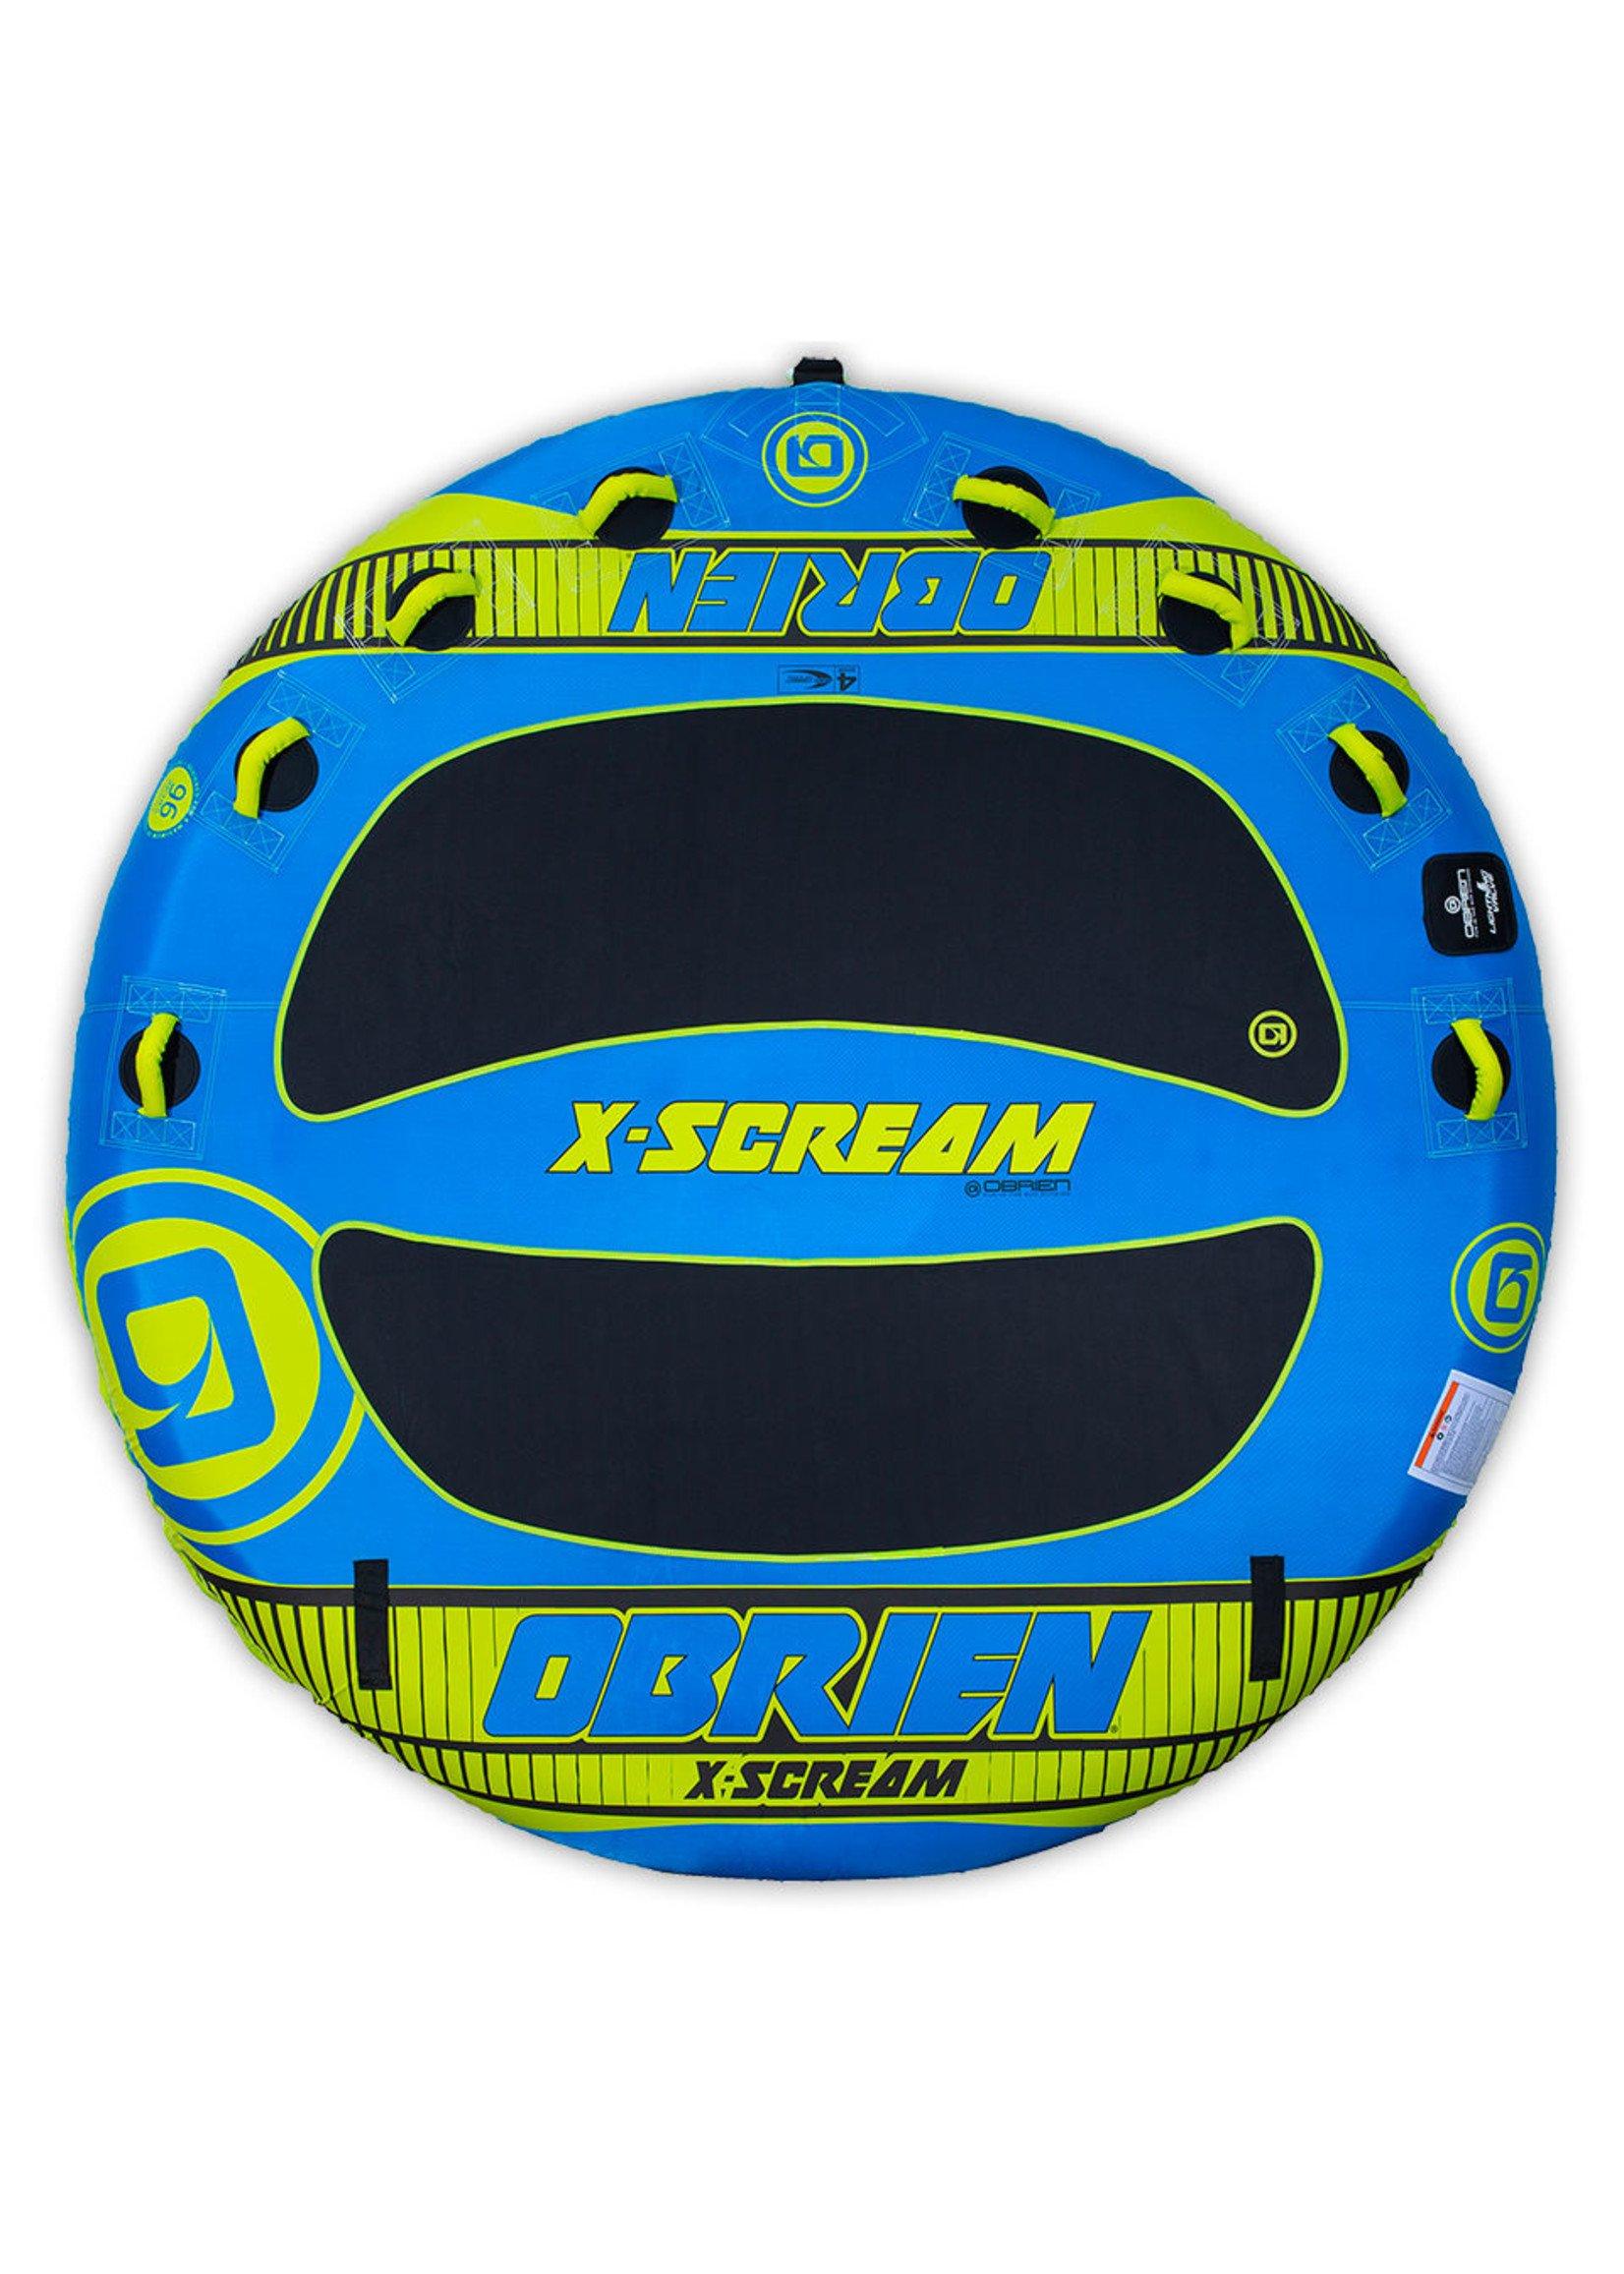 O'Brien X-SCREAMER